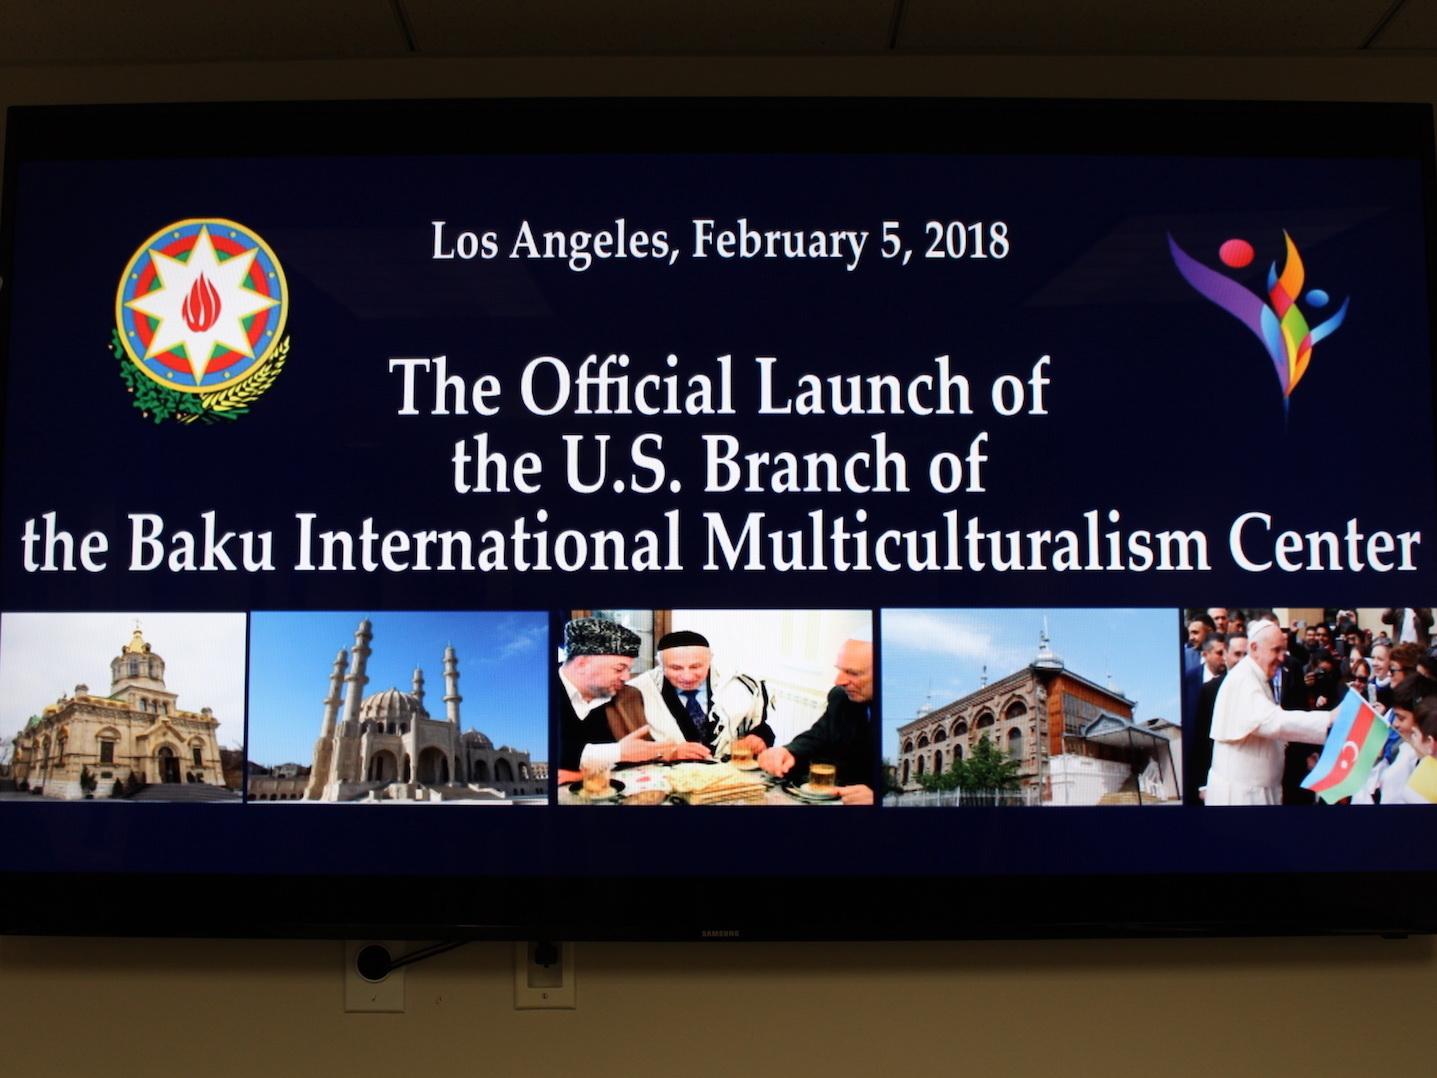 В США открылось представительство Бакинского центра мультикультурализма - ФОТО